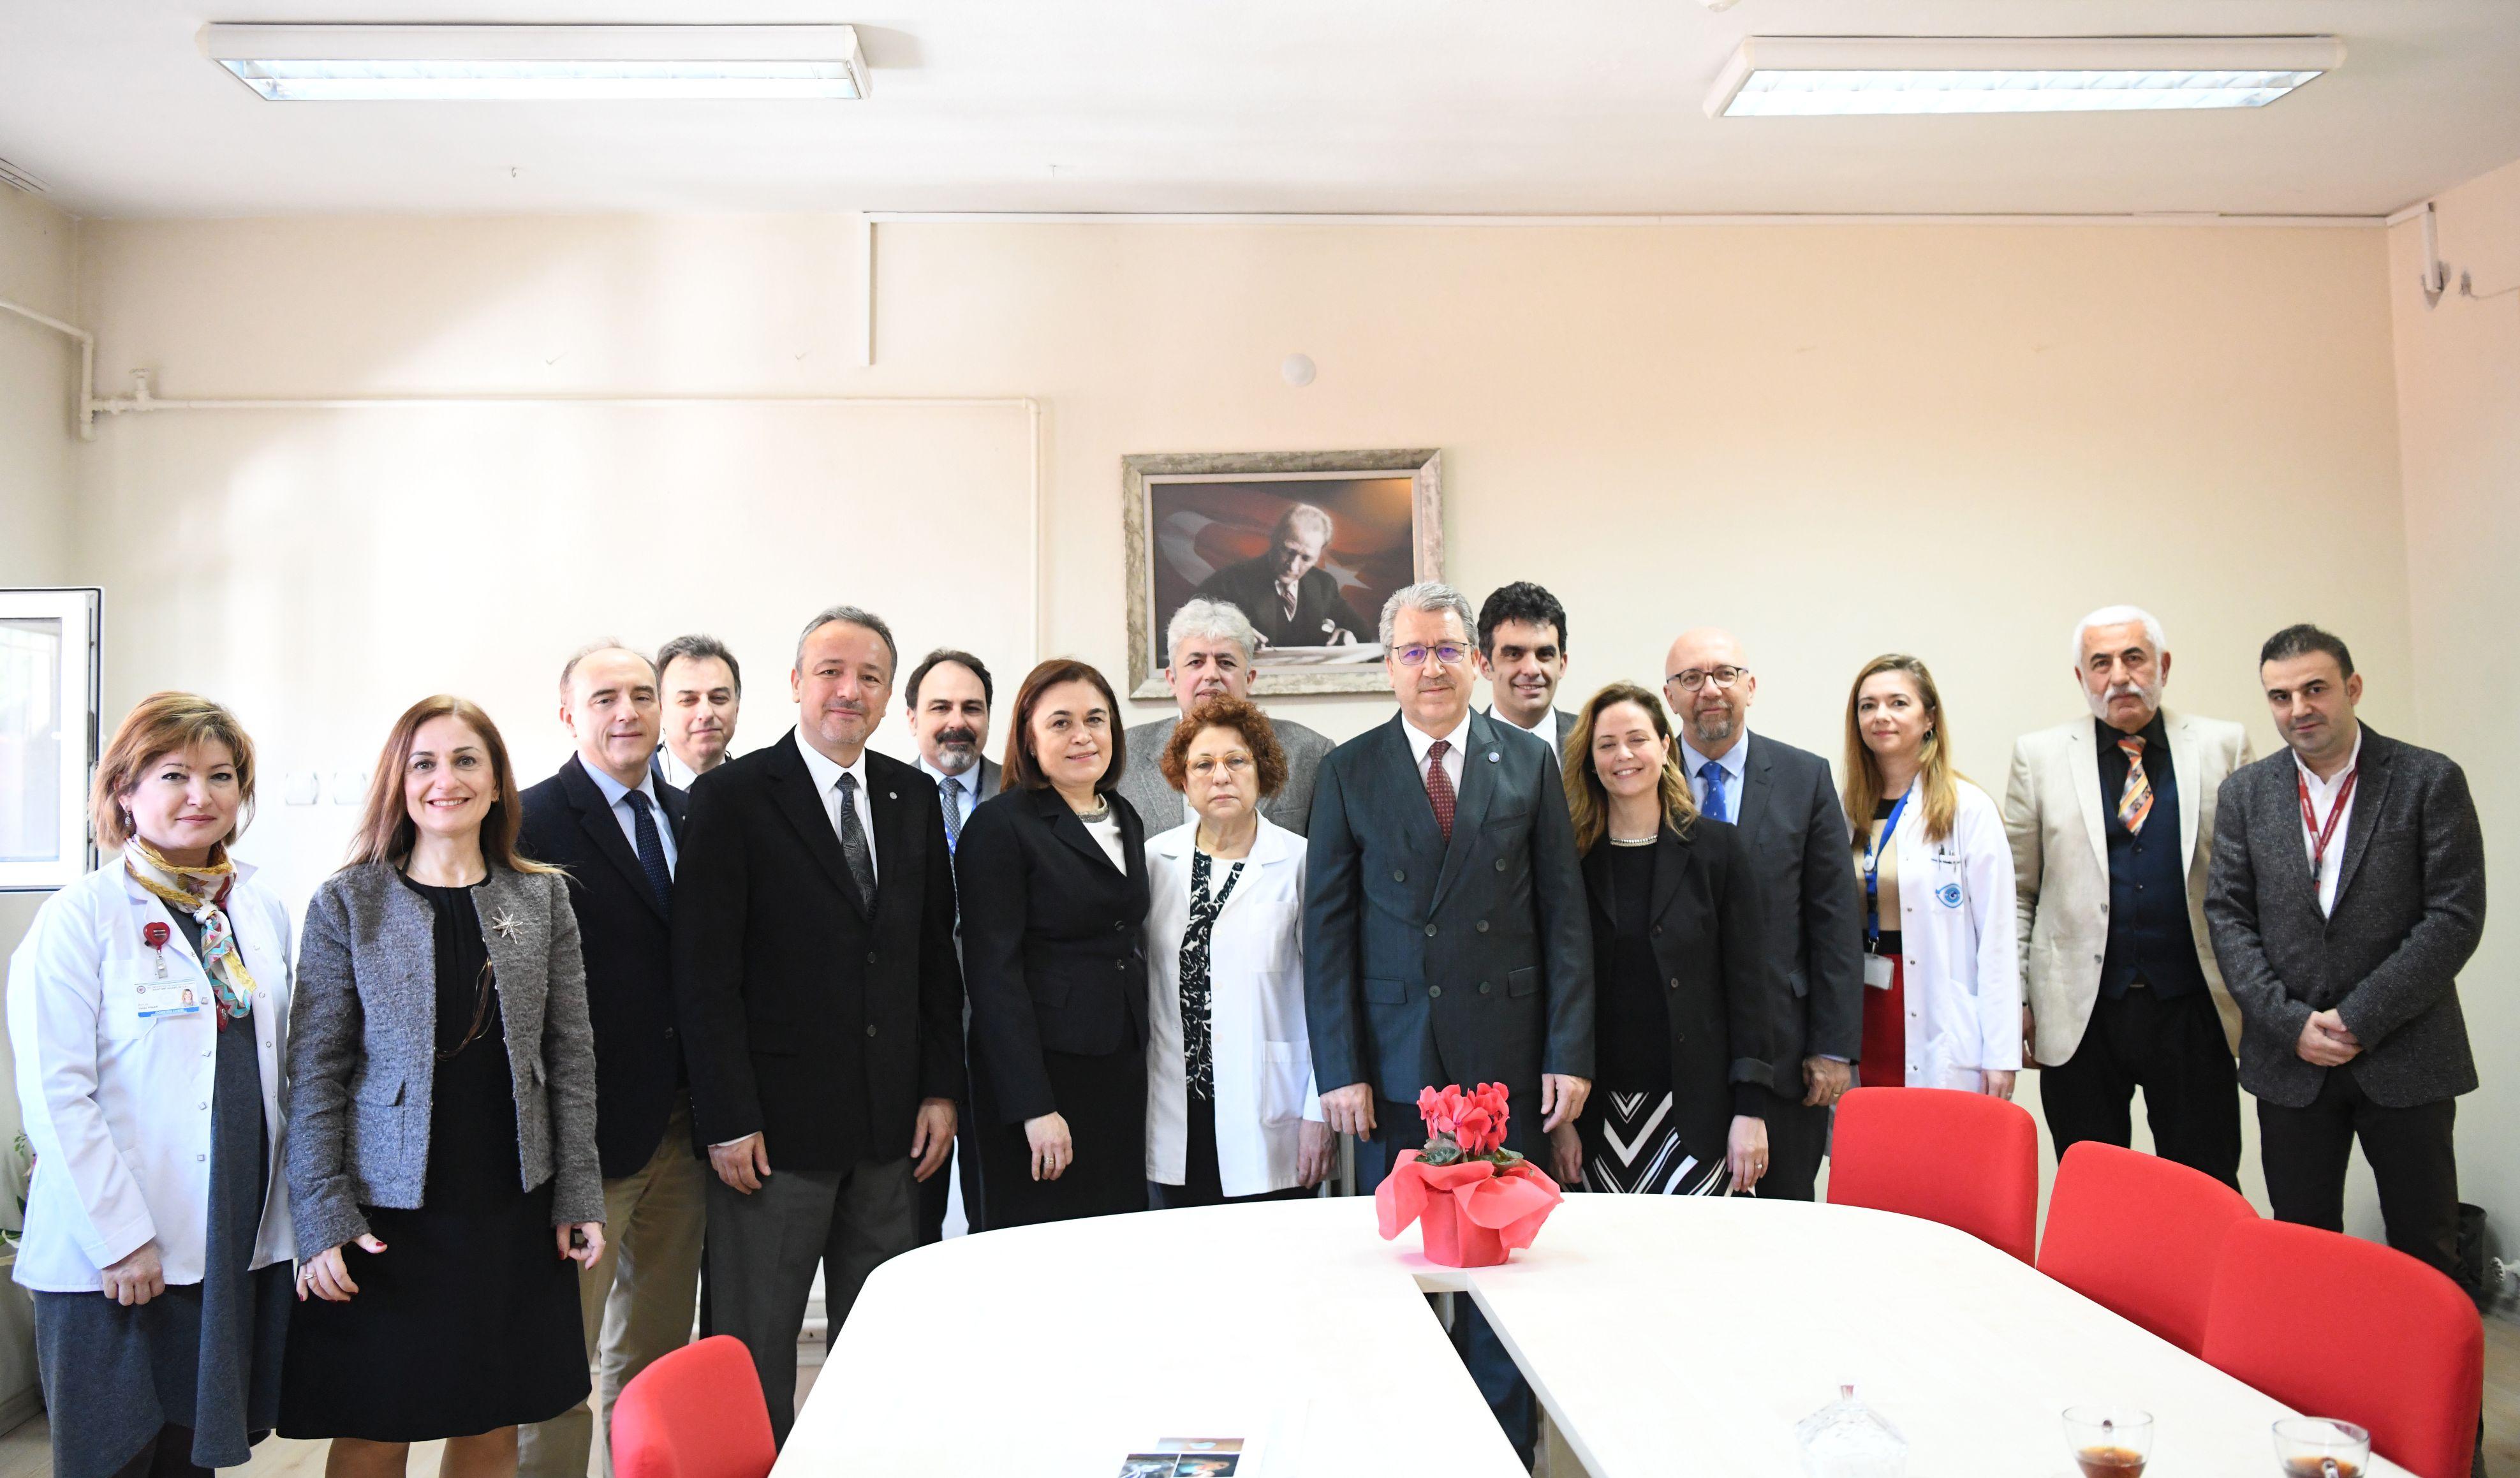 Egeli akademisyenler ekip çalışmasıyla Türkiye'de bir ilke daha imza attı